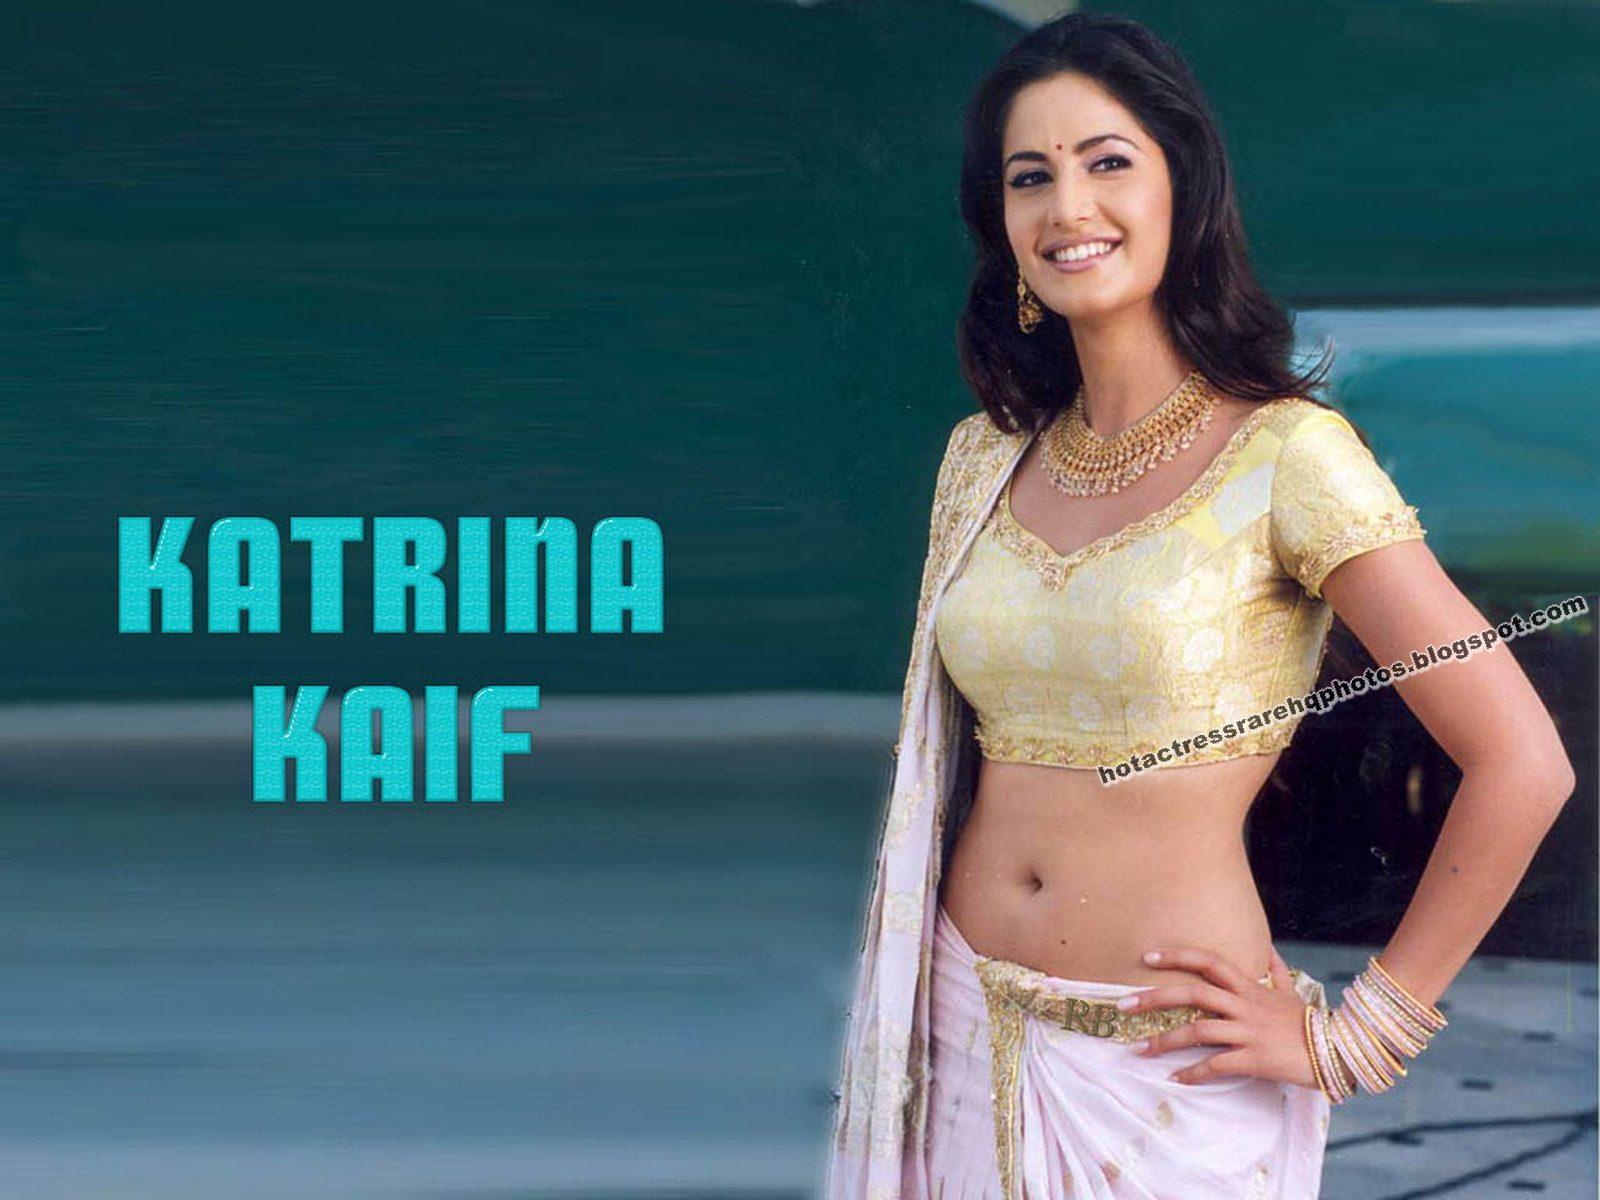 Katrina kaif seductive navel show - SEDUCTIVE ACTRESS